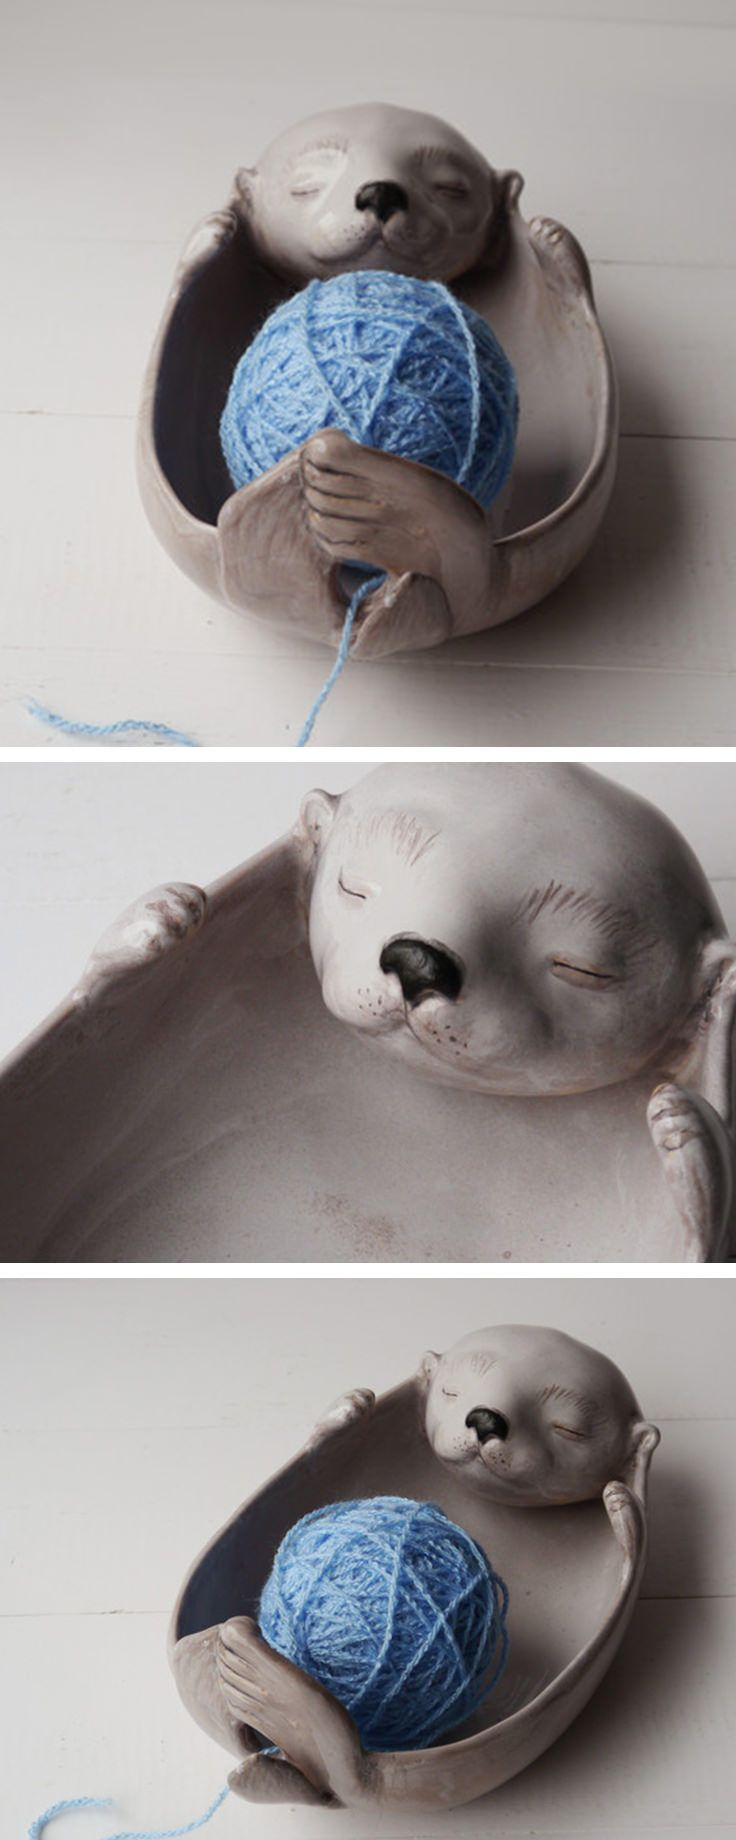 Witzige Garnschale in Form eines liegenden Otter als Deko für den Hobbyraum, Strick Utensilien / knitting accessory: yarn bowl in shape of an otter made by Bordo ceramics via DaWanda.com